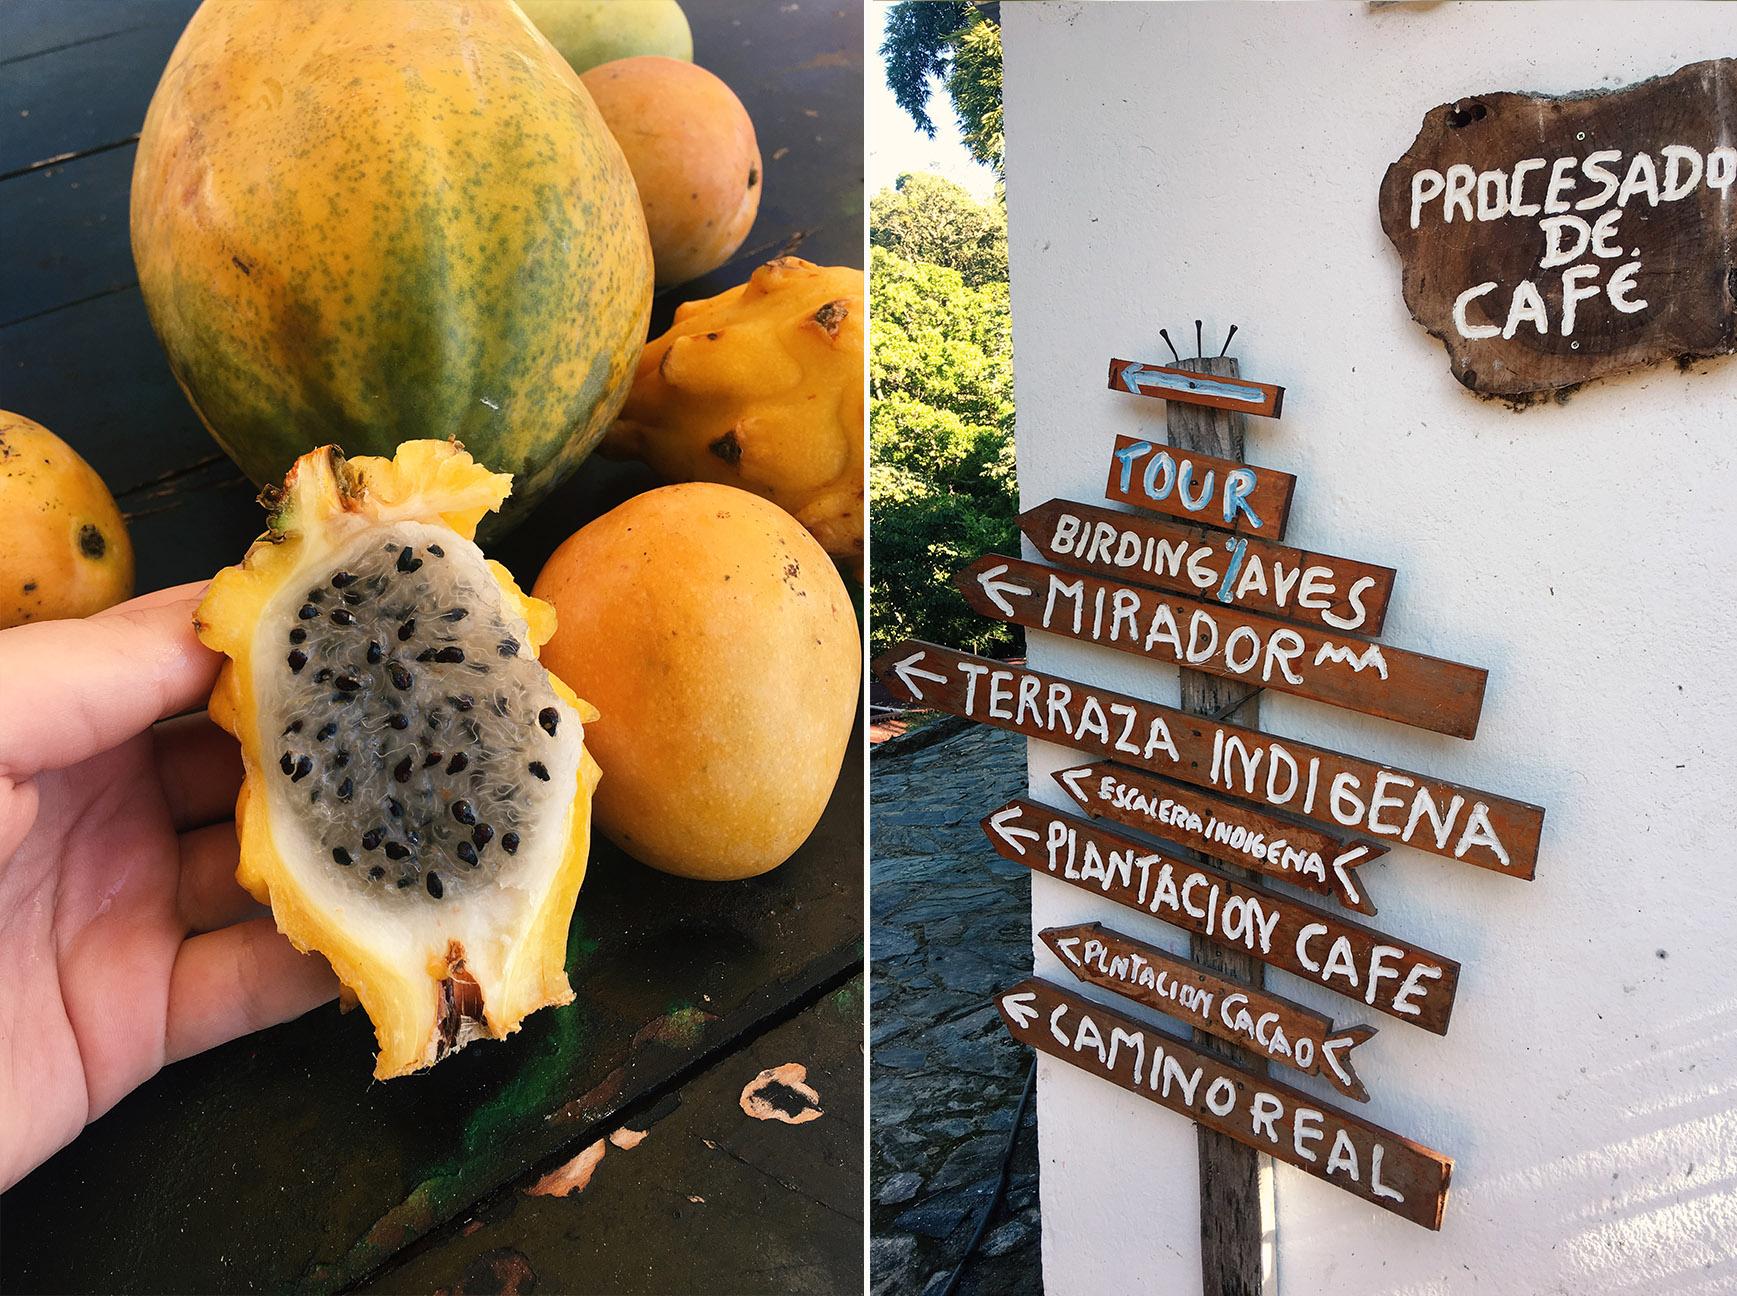 Pestovanie kakaa a kávy v Kolumbii - Finca San Rafael